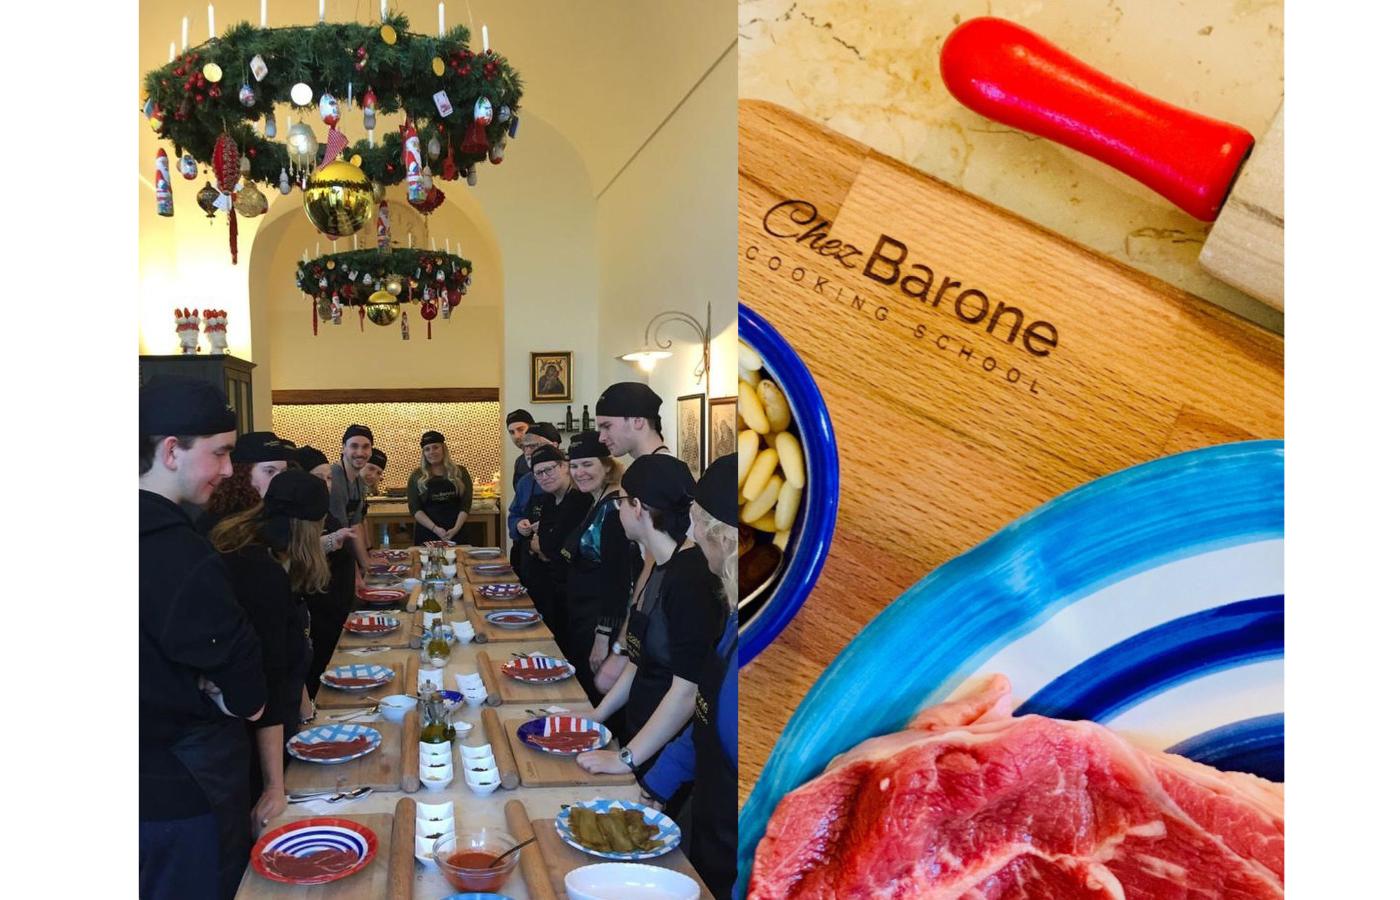 Chez Barone